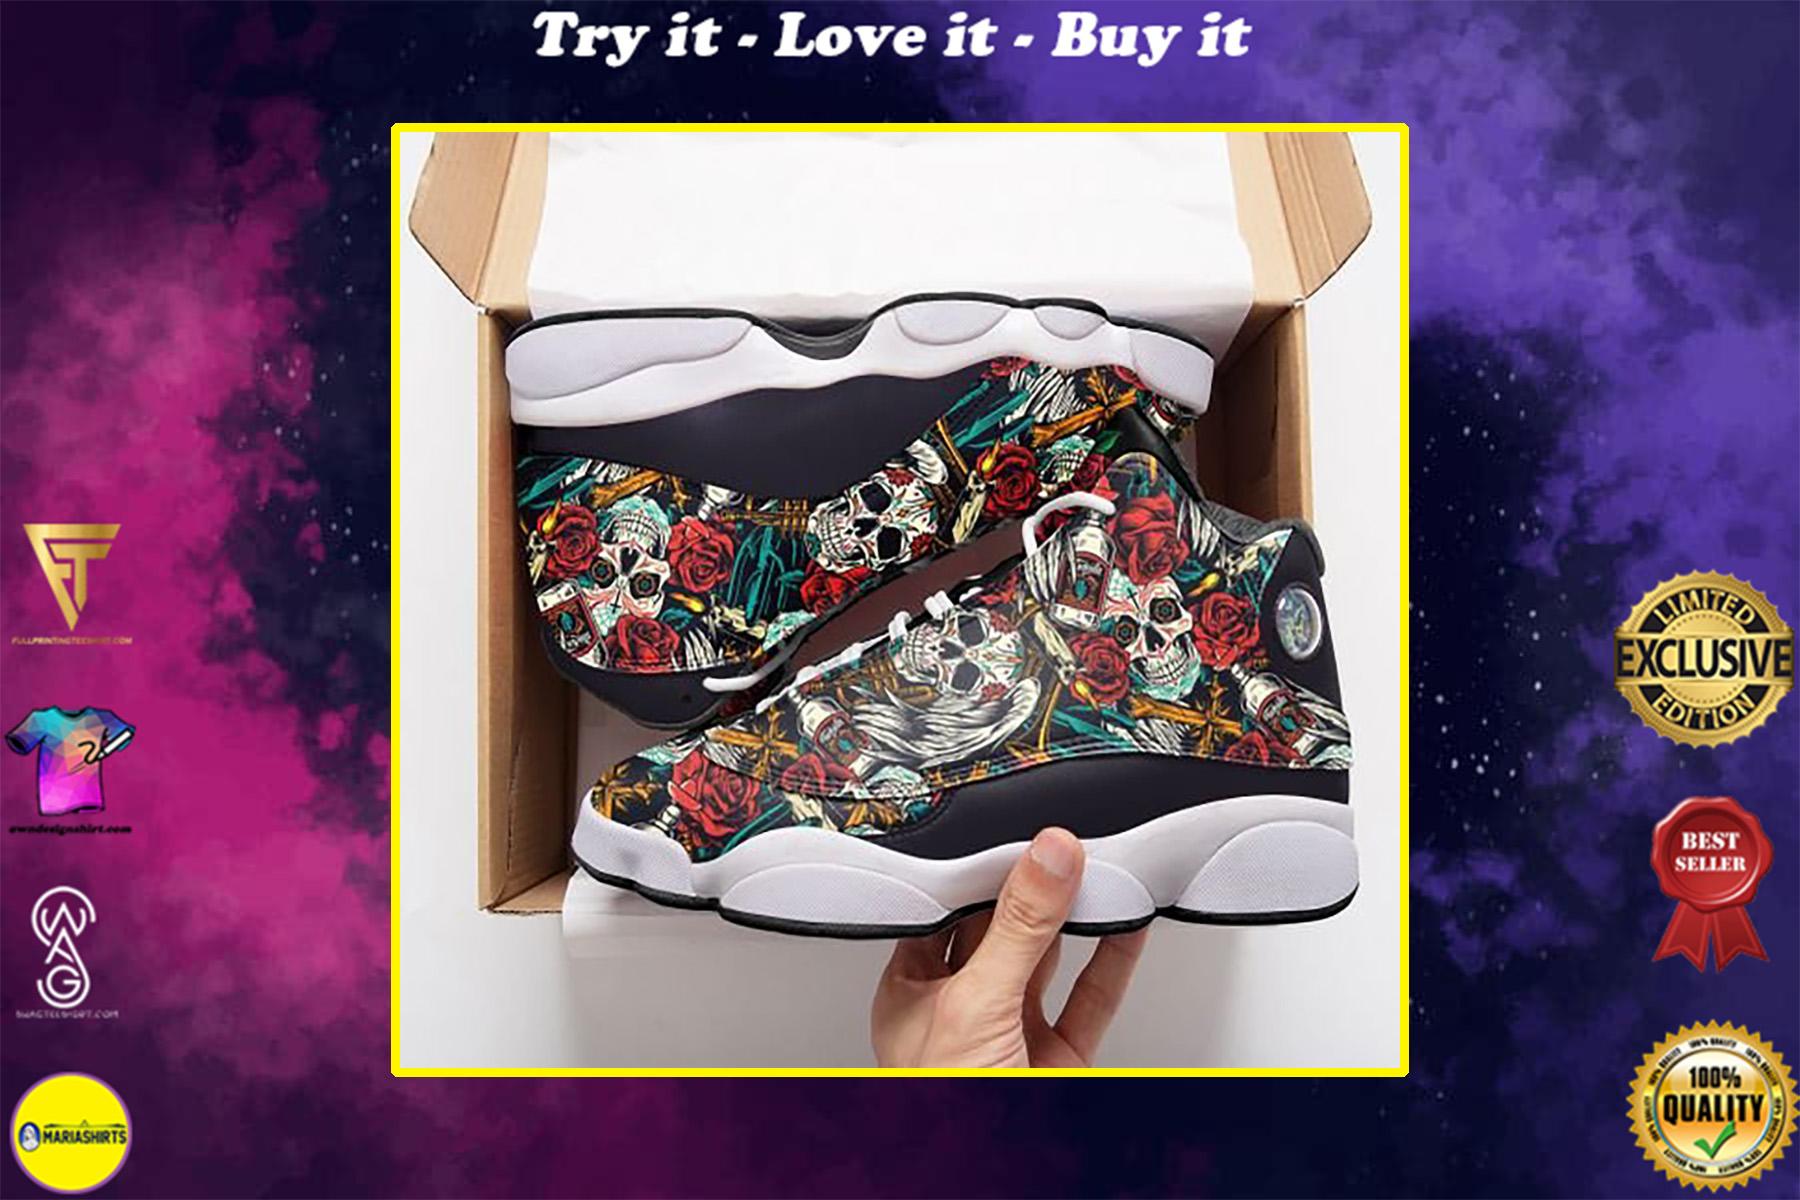 skull tattoo pattern roses all over printed air jordan 13 sneakers